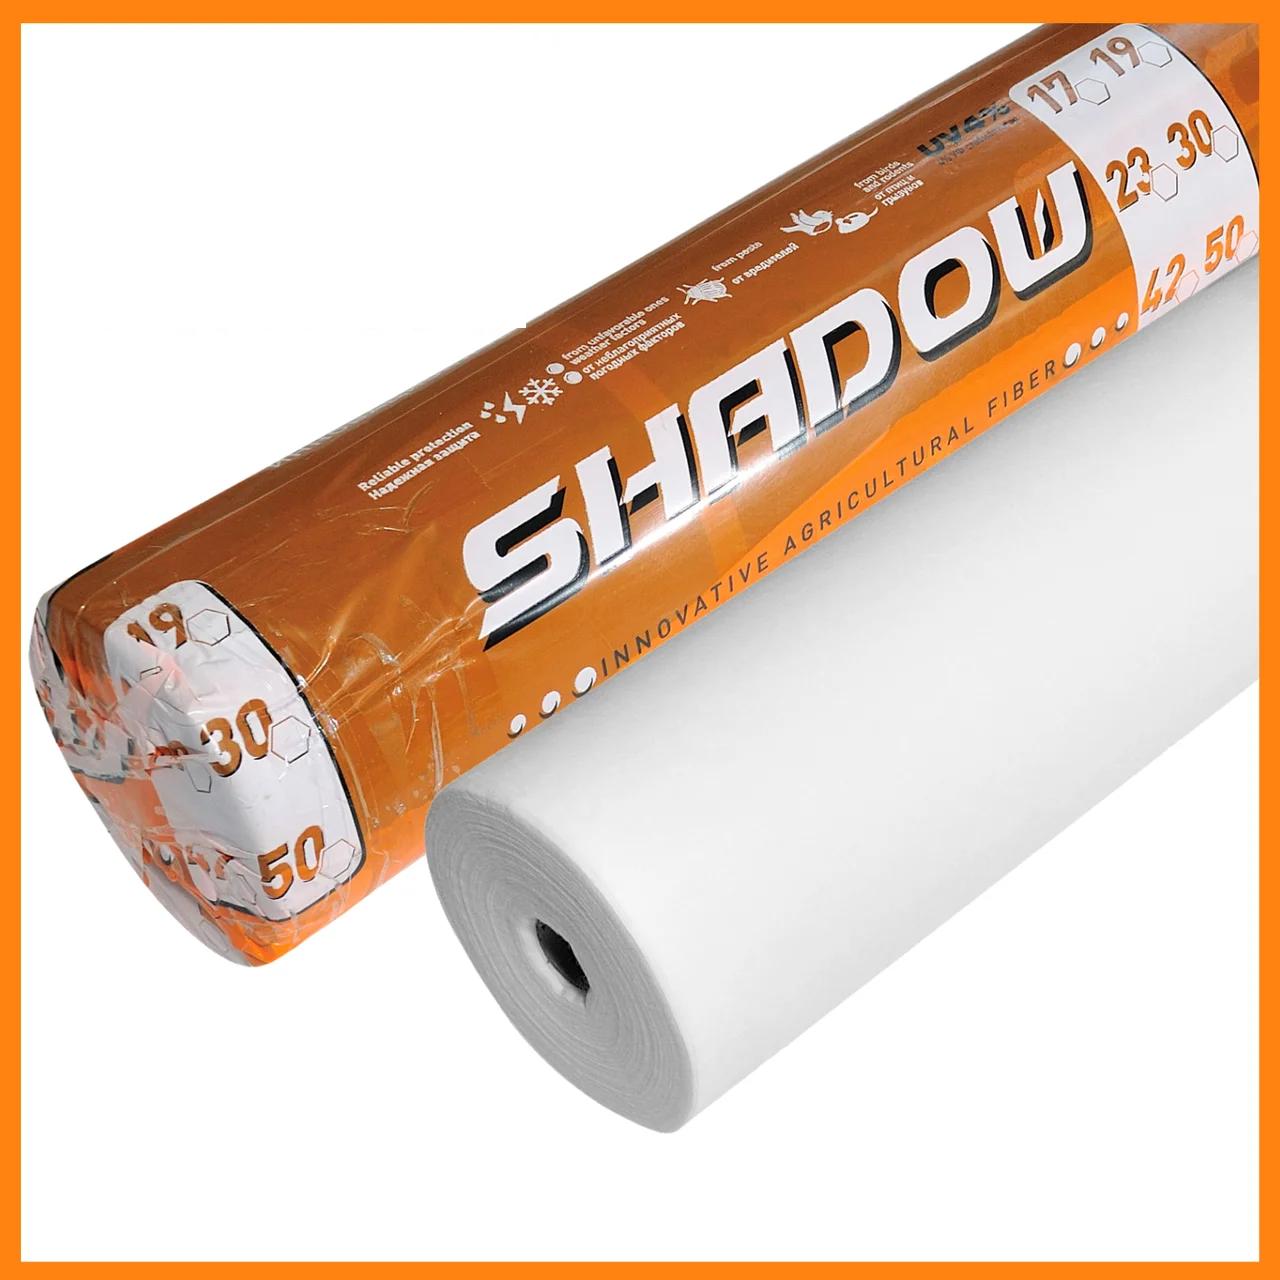 """Агроволокно біле 50 г/м2 3,2 х 100 м """"Shadow"""" (Чехія) 4% спанбонд укривний"""